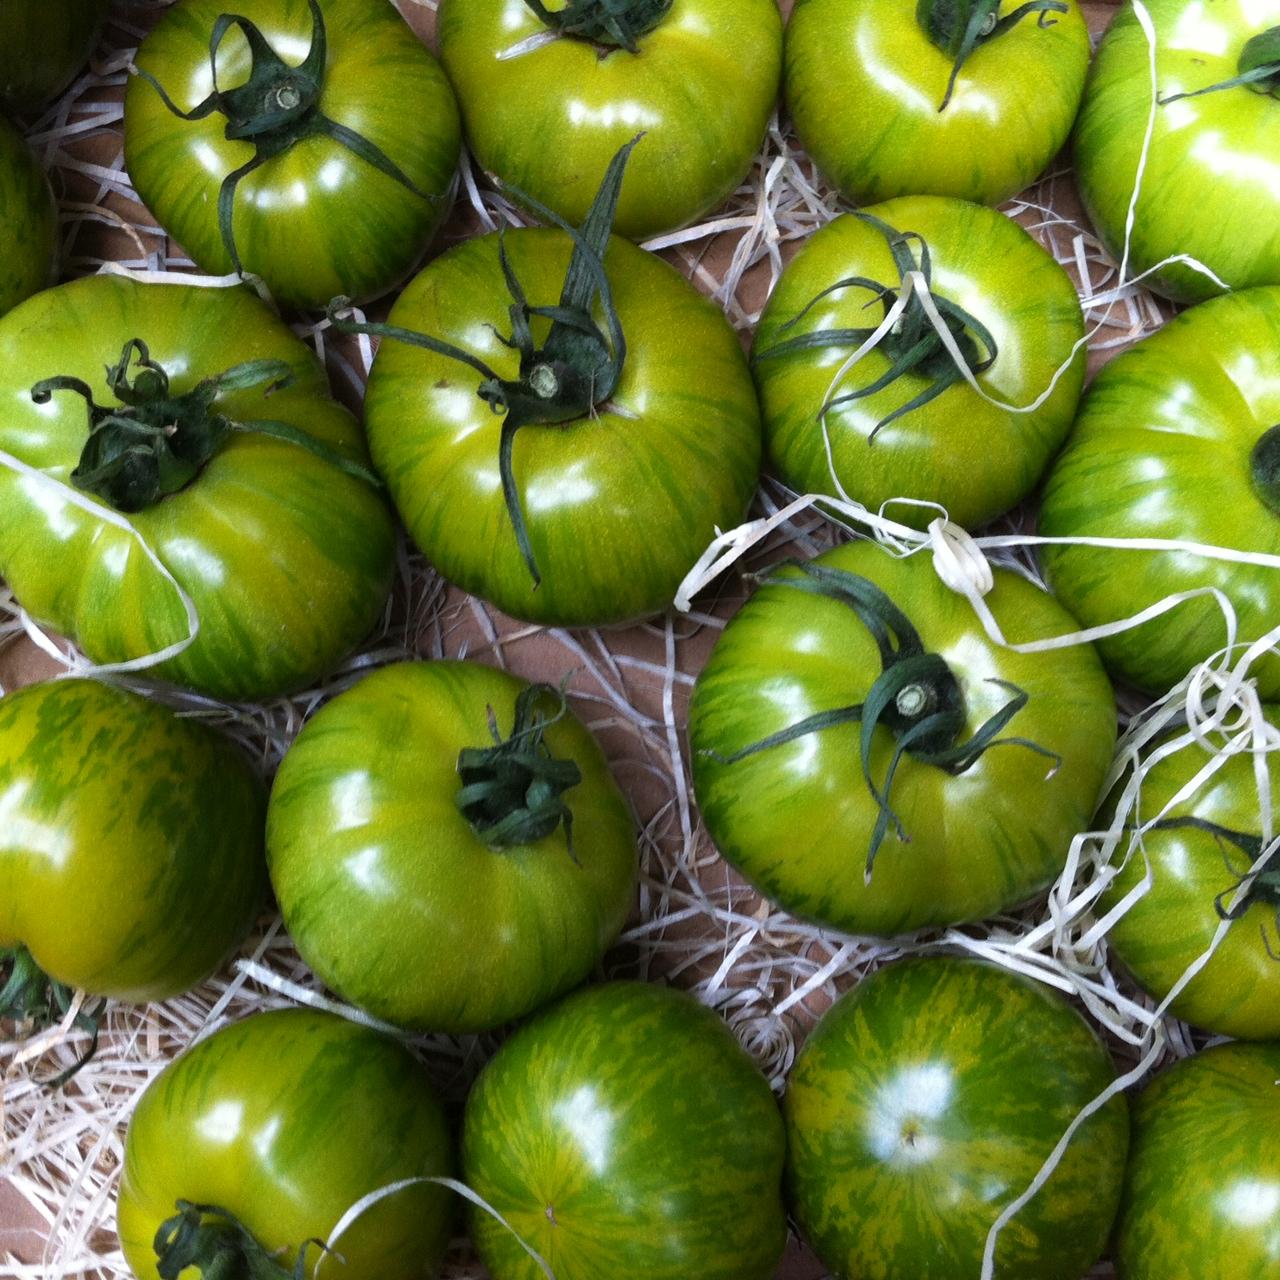 gruene Tomaten.JPG